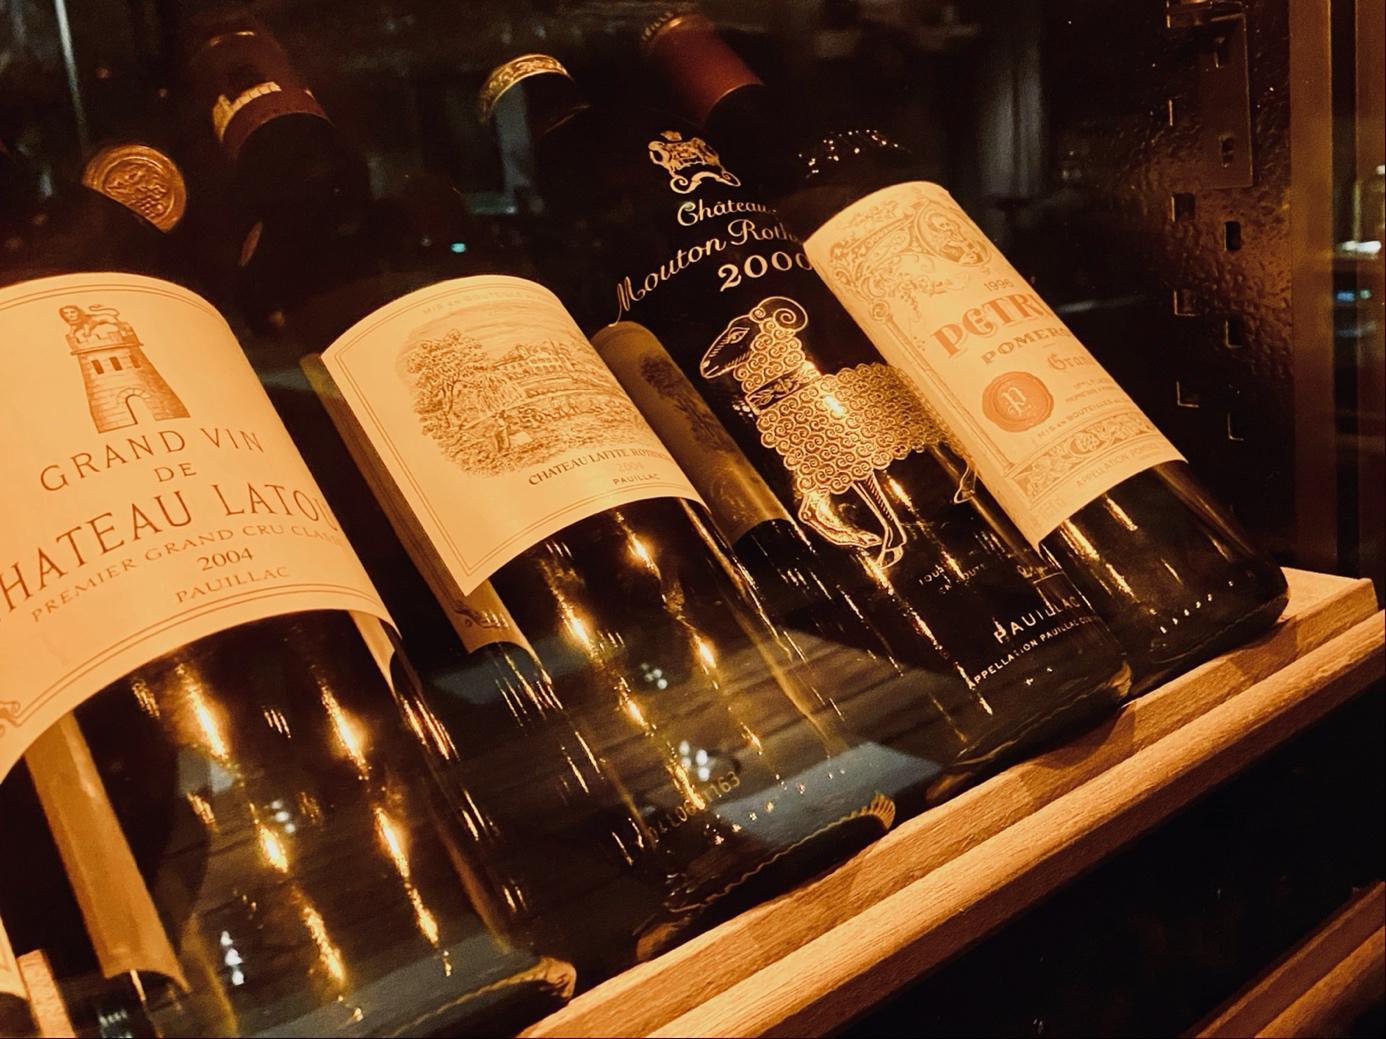 Ein Bild, das Text, drinnen, Zähler, Alkohol enthält.  Automatisch generierte Beschreibung